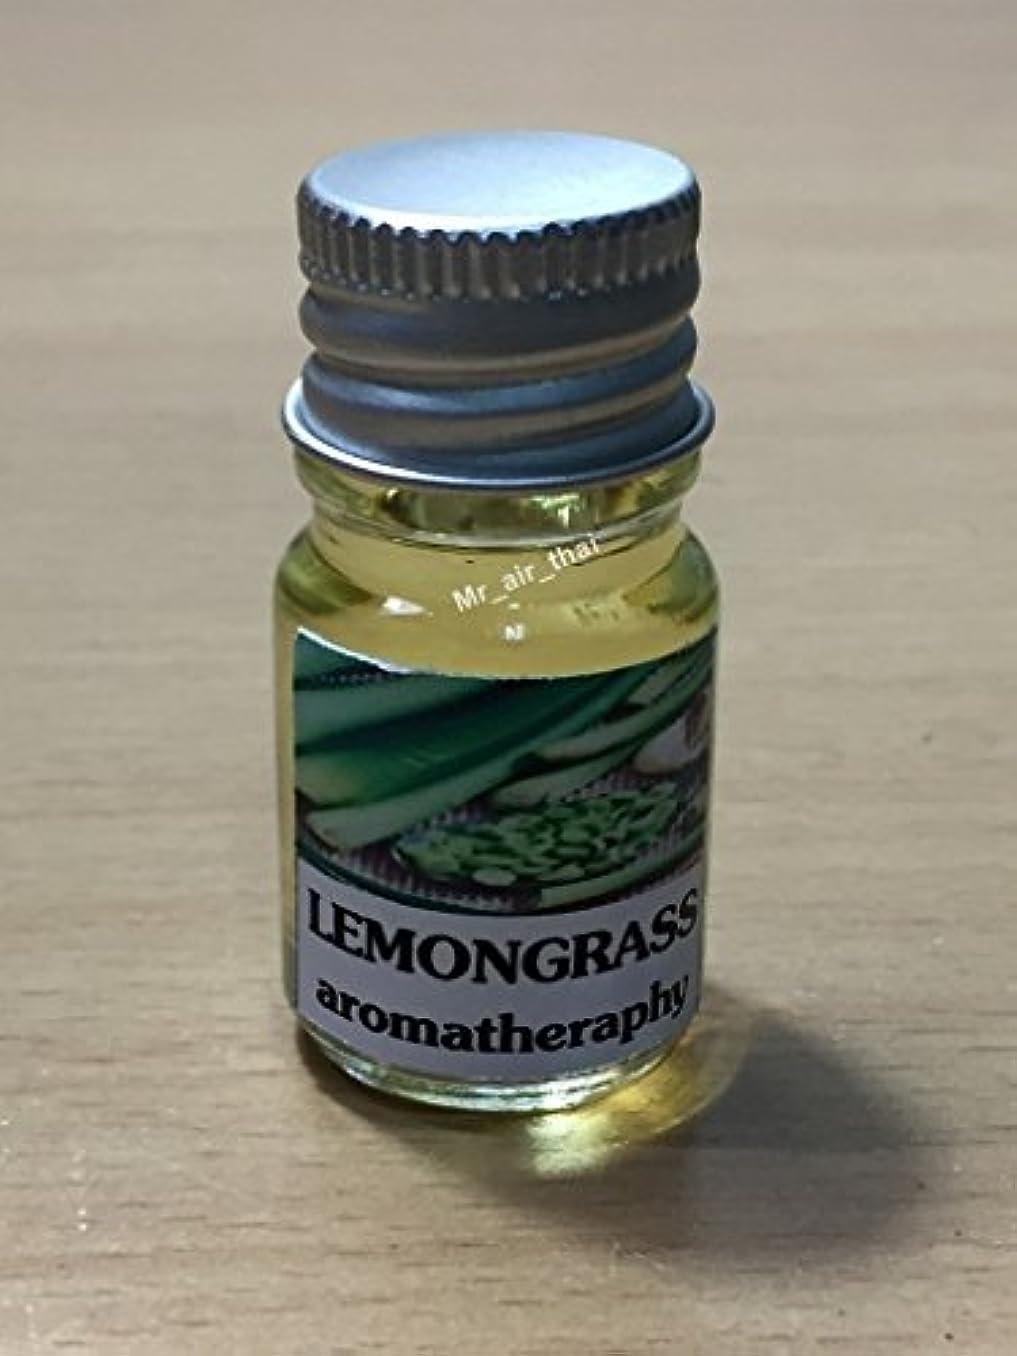 個人的に達成可能湿地5ミリリットルアロマレモングラスフランクインセンスエッセンシャルオイルボトルアロマテラピーオイル自然自然5ml Aroma Lemongrass Frankincense Essential Oil Bottles Aromatherapy...